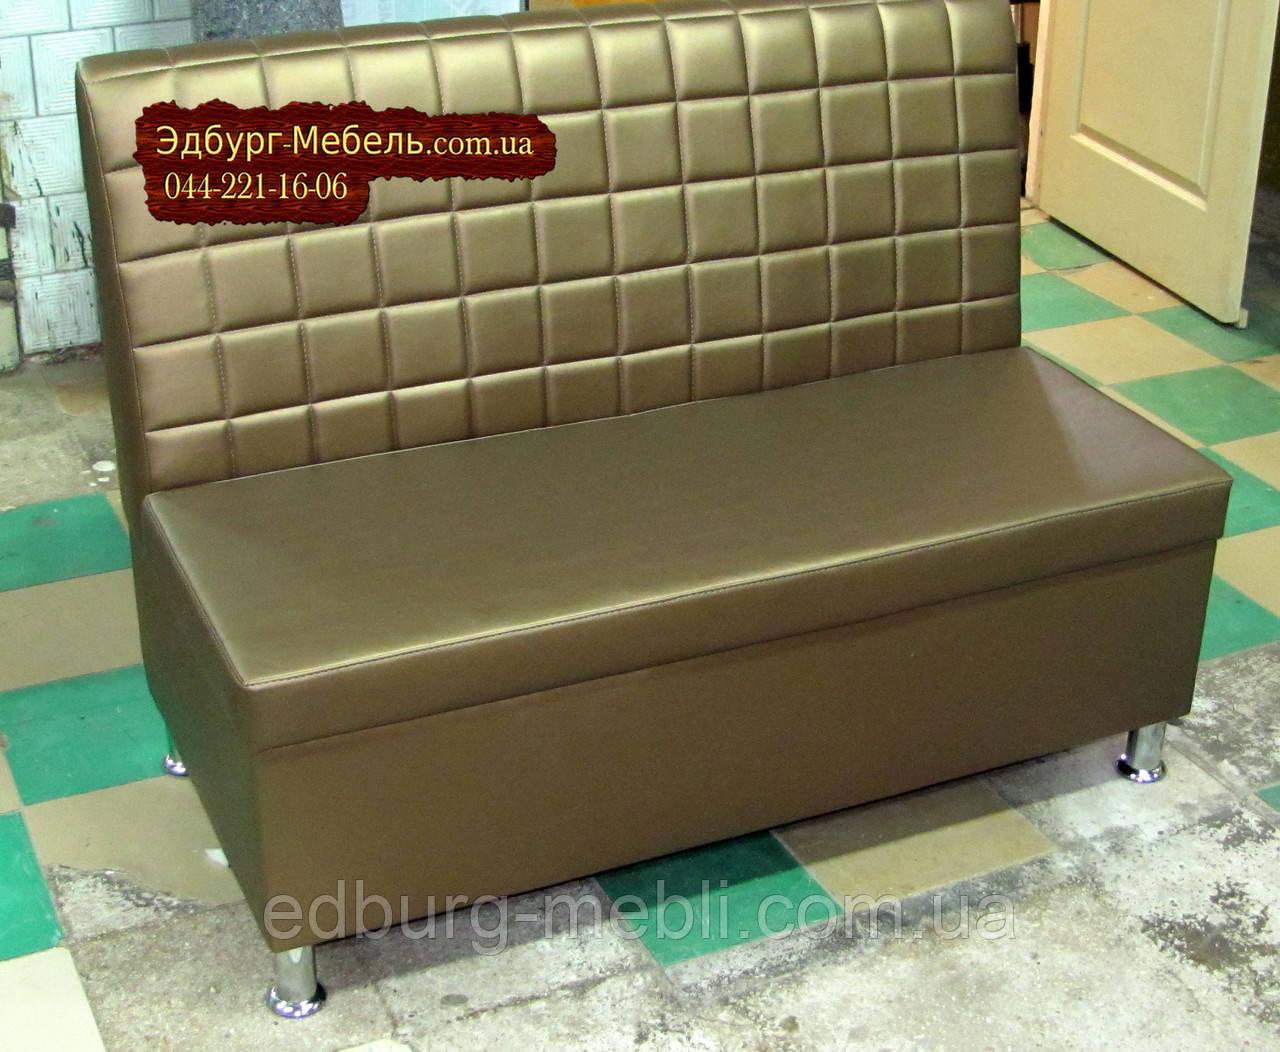 """Шоколадный диван для закусочной """"Кубик"""" 120х60х90см - Эдбург-мебель производcтво мягкой мебели  в Киеве"""